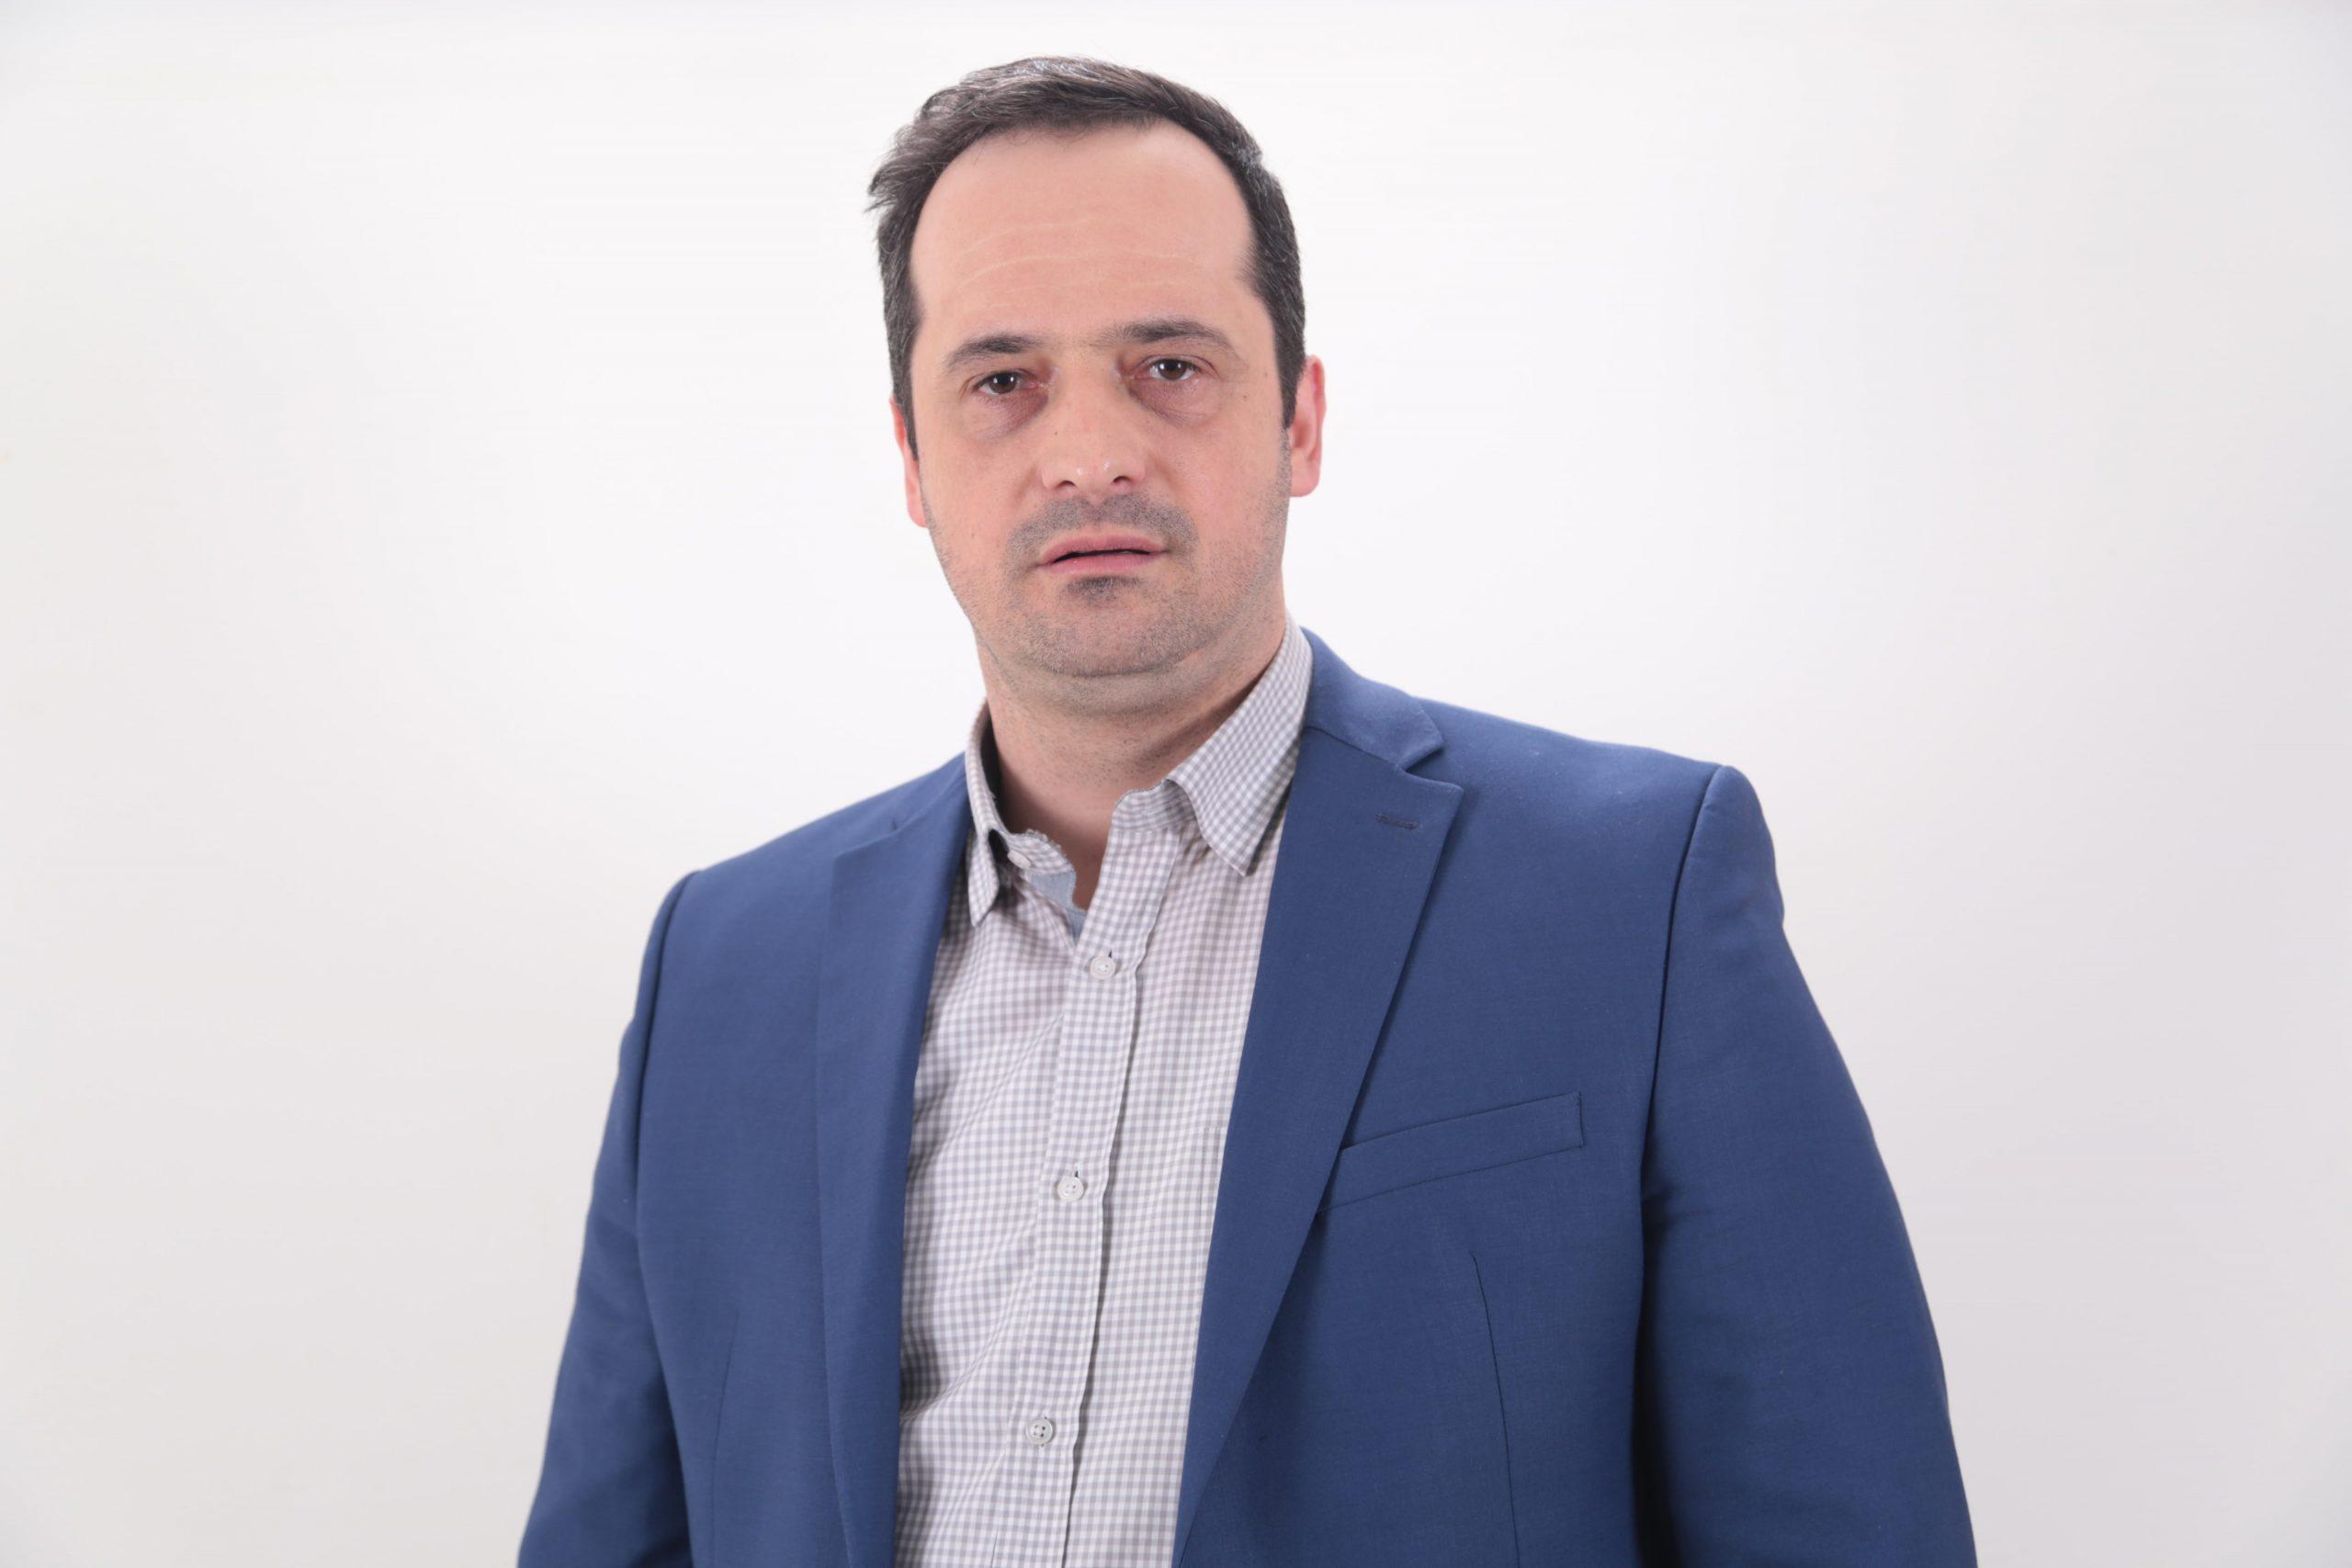 Labeat Mustafa